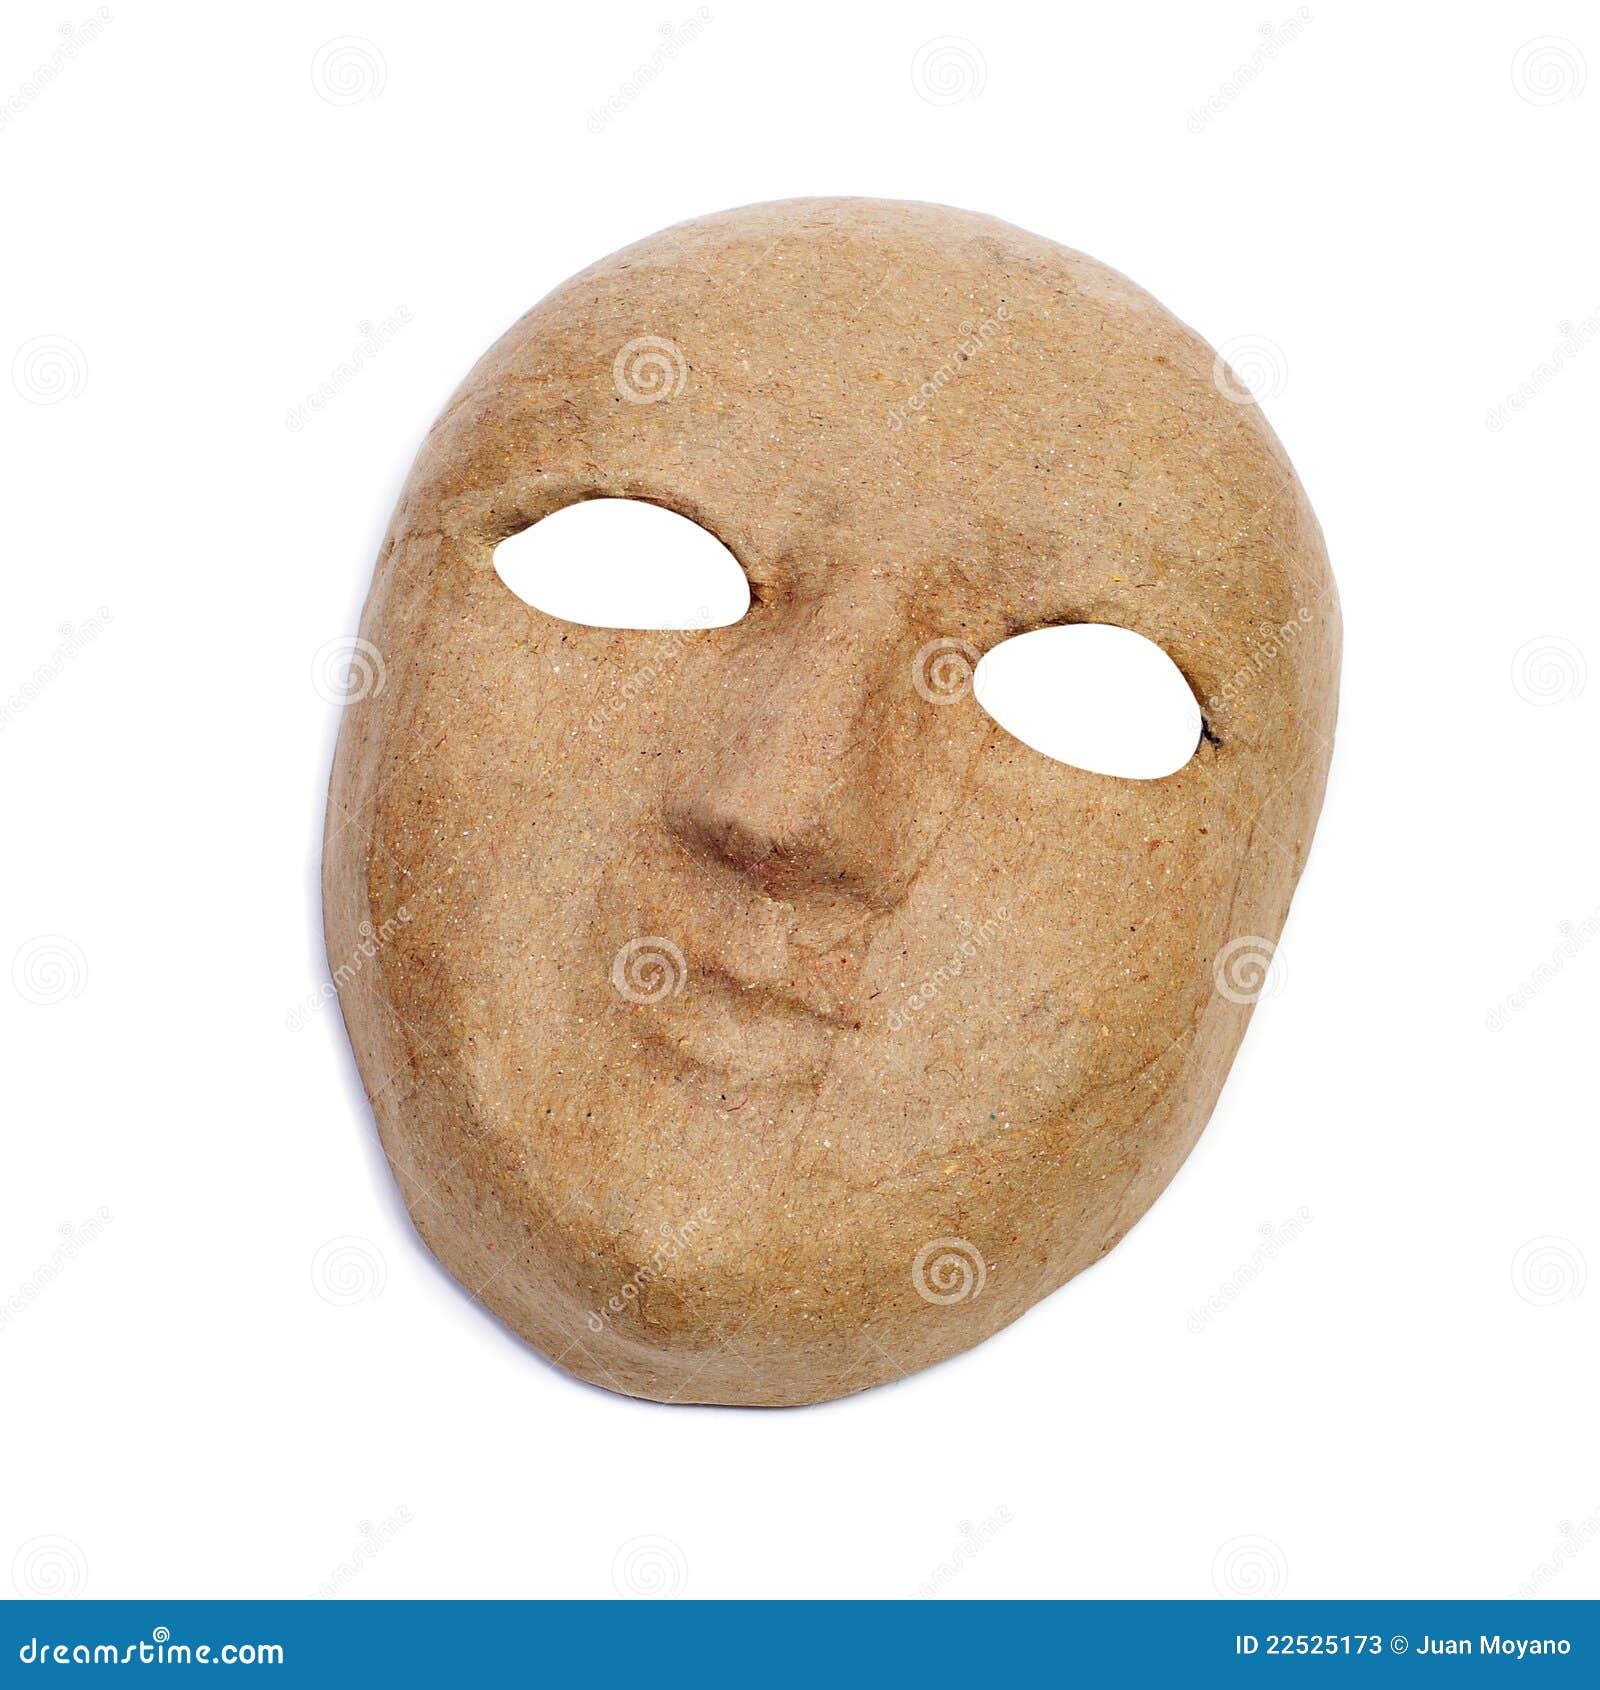 Paper mache mask stock photos image 22525173 - Masque papier mache ...